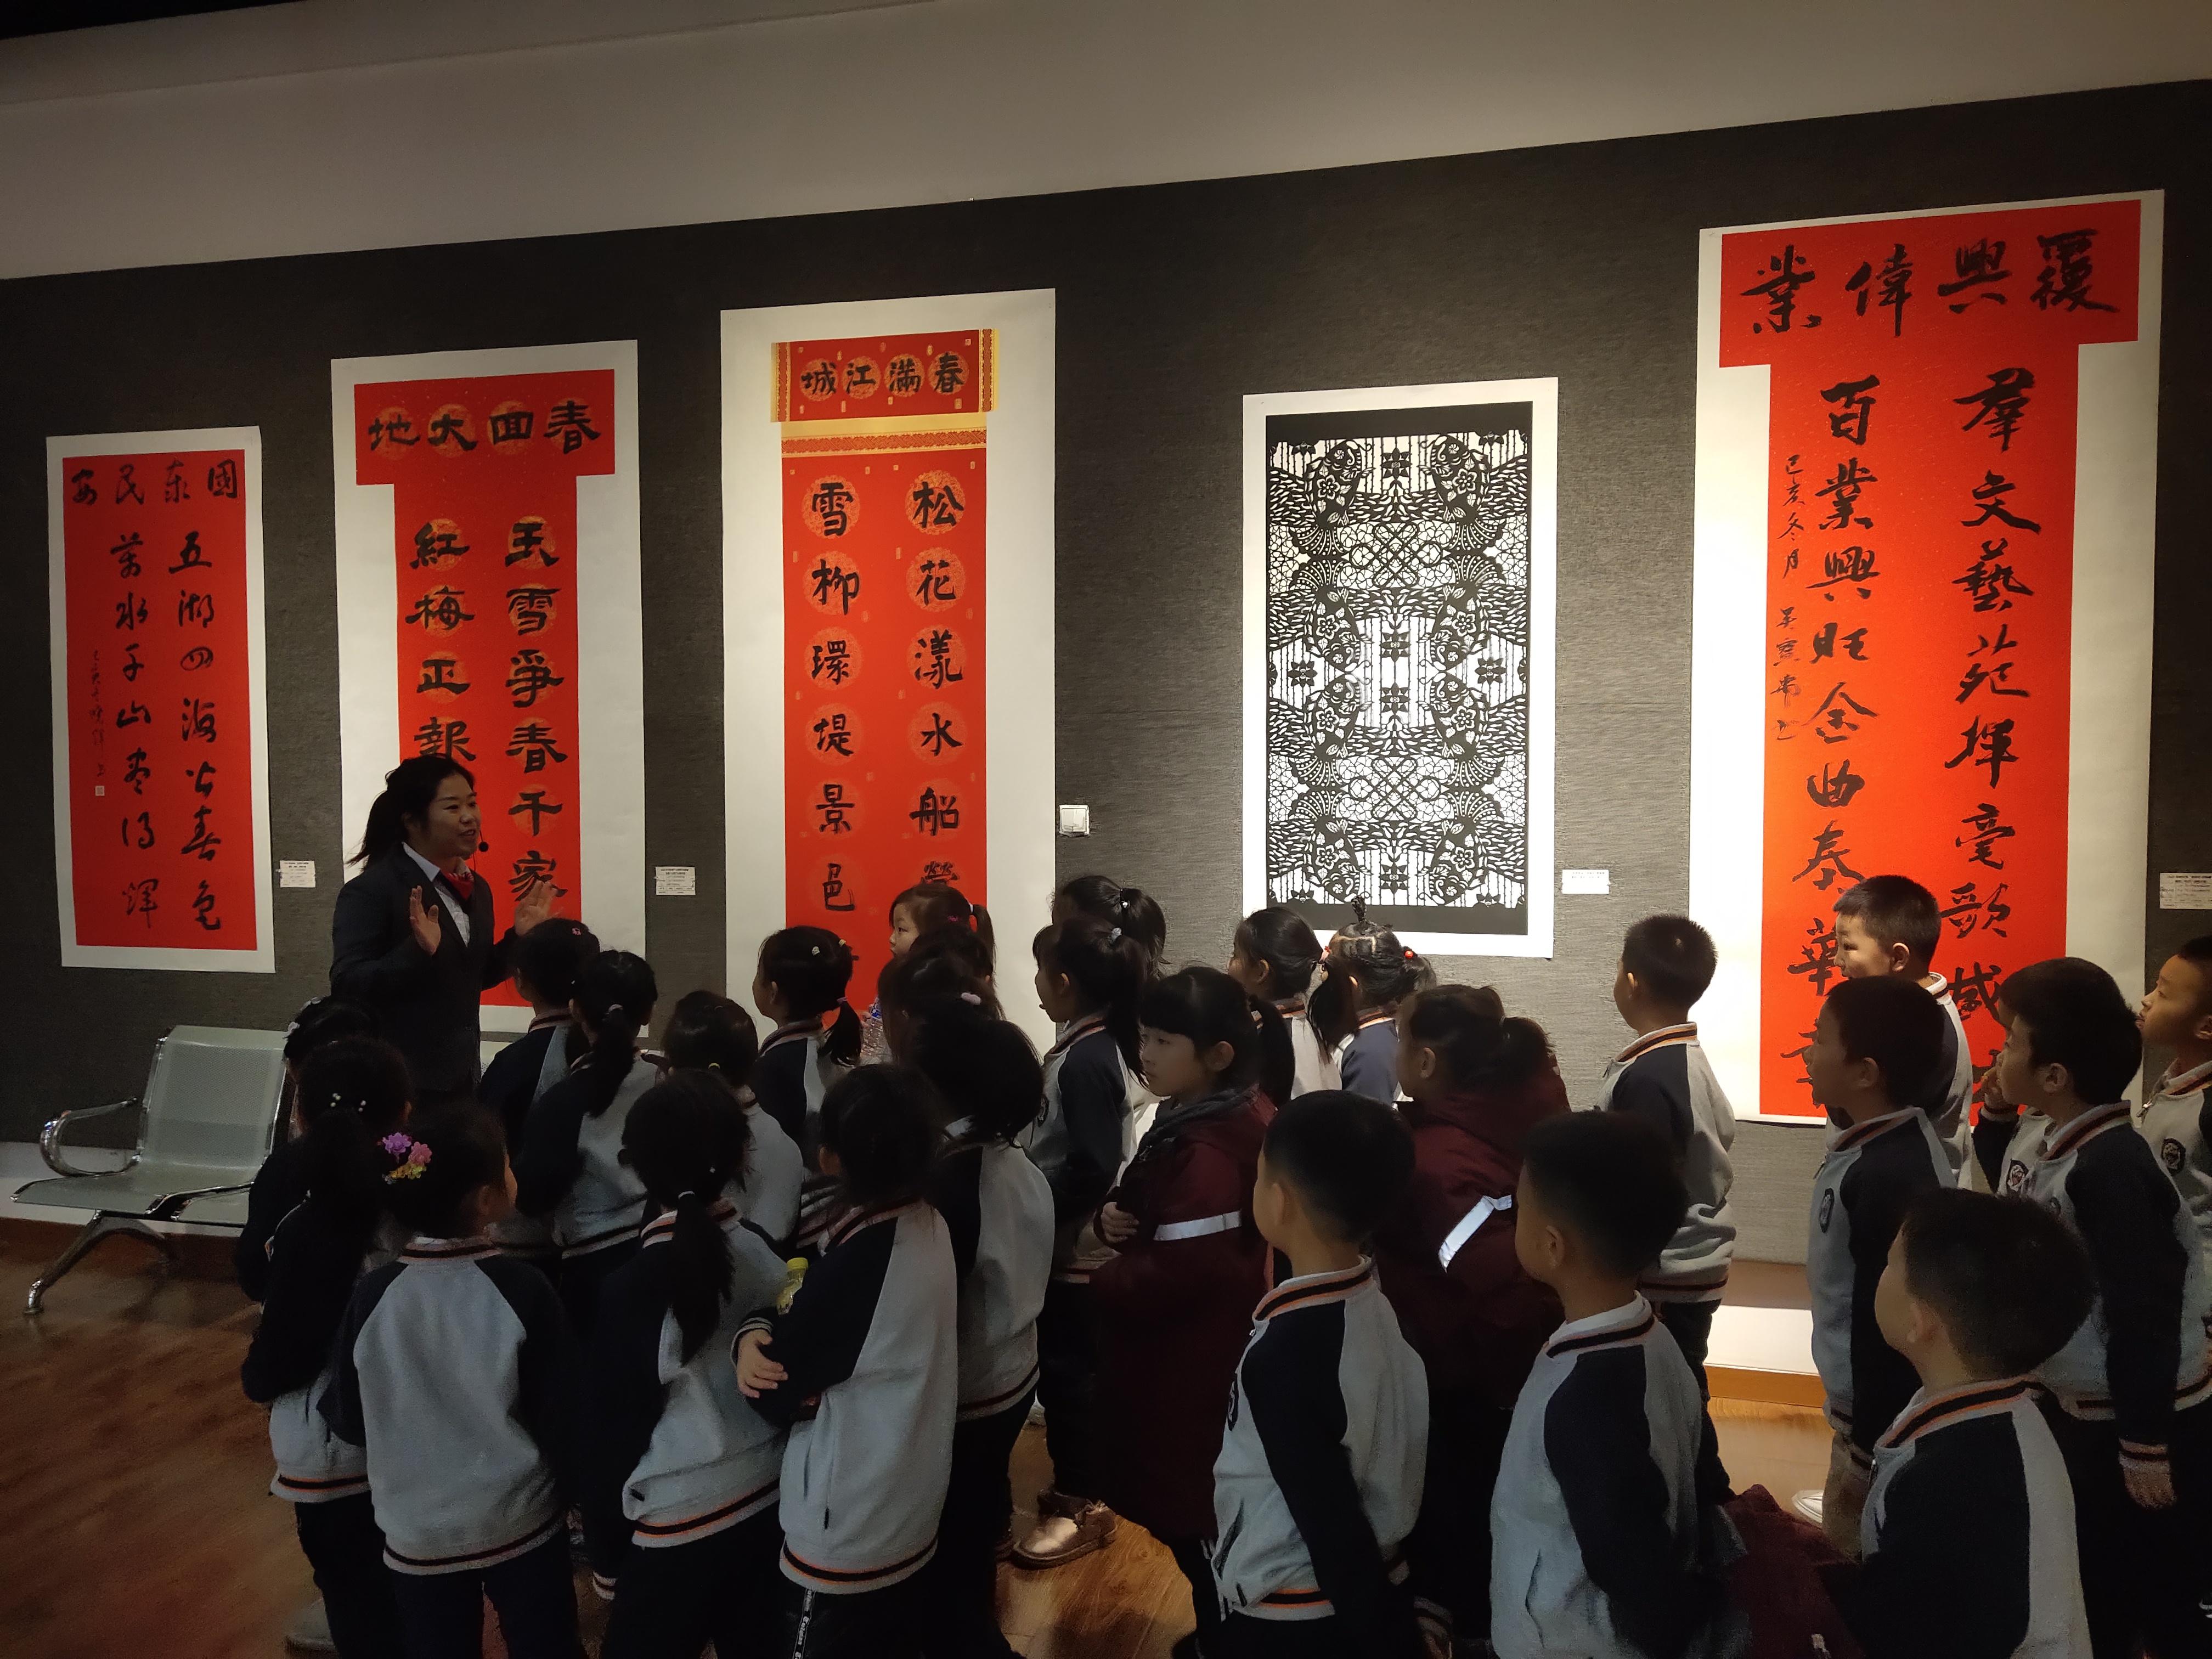 В управлении культуры провинции Цзилинь прошли соревнования по парным новогодним надписям и традиционным вырезкам из бумаги под названием «Встречаем Новый год, поздравляем с новой весной»